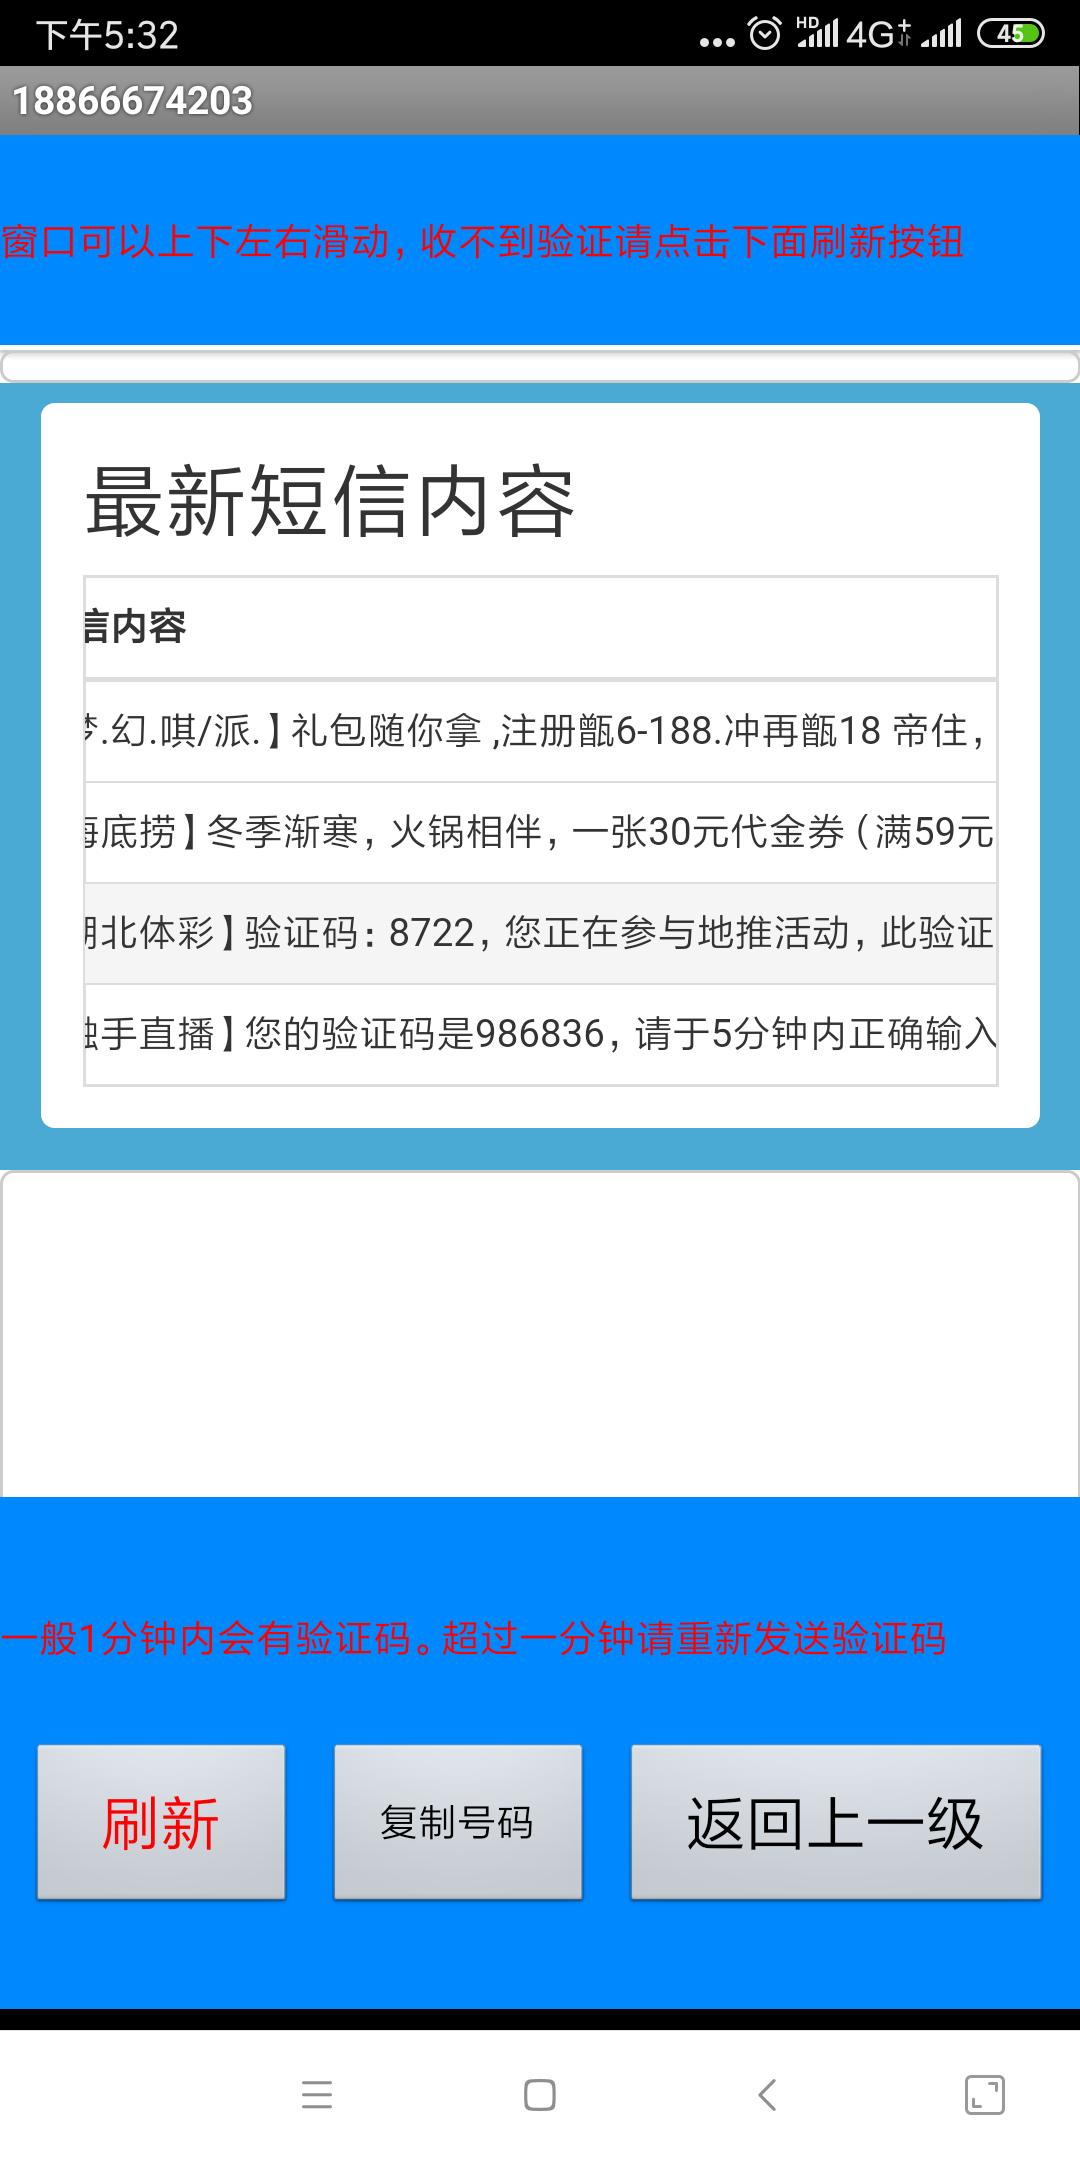 笨笨接码v1.5修改版 手机可用免费接码工具